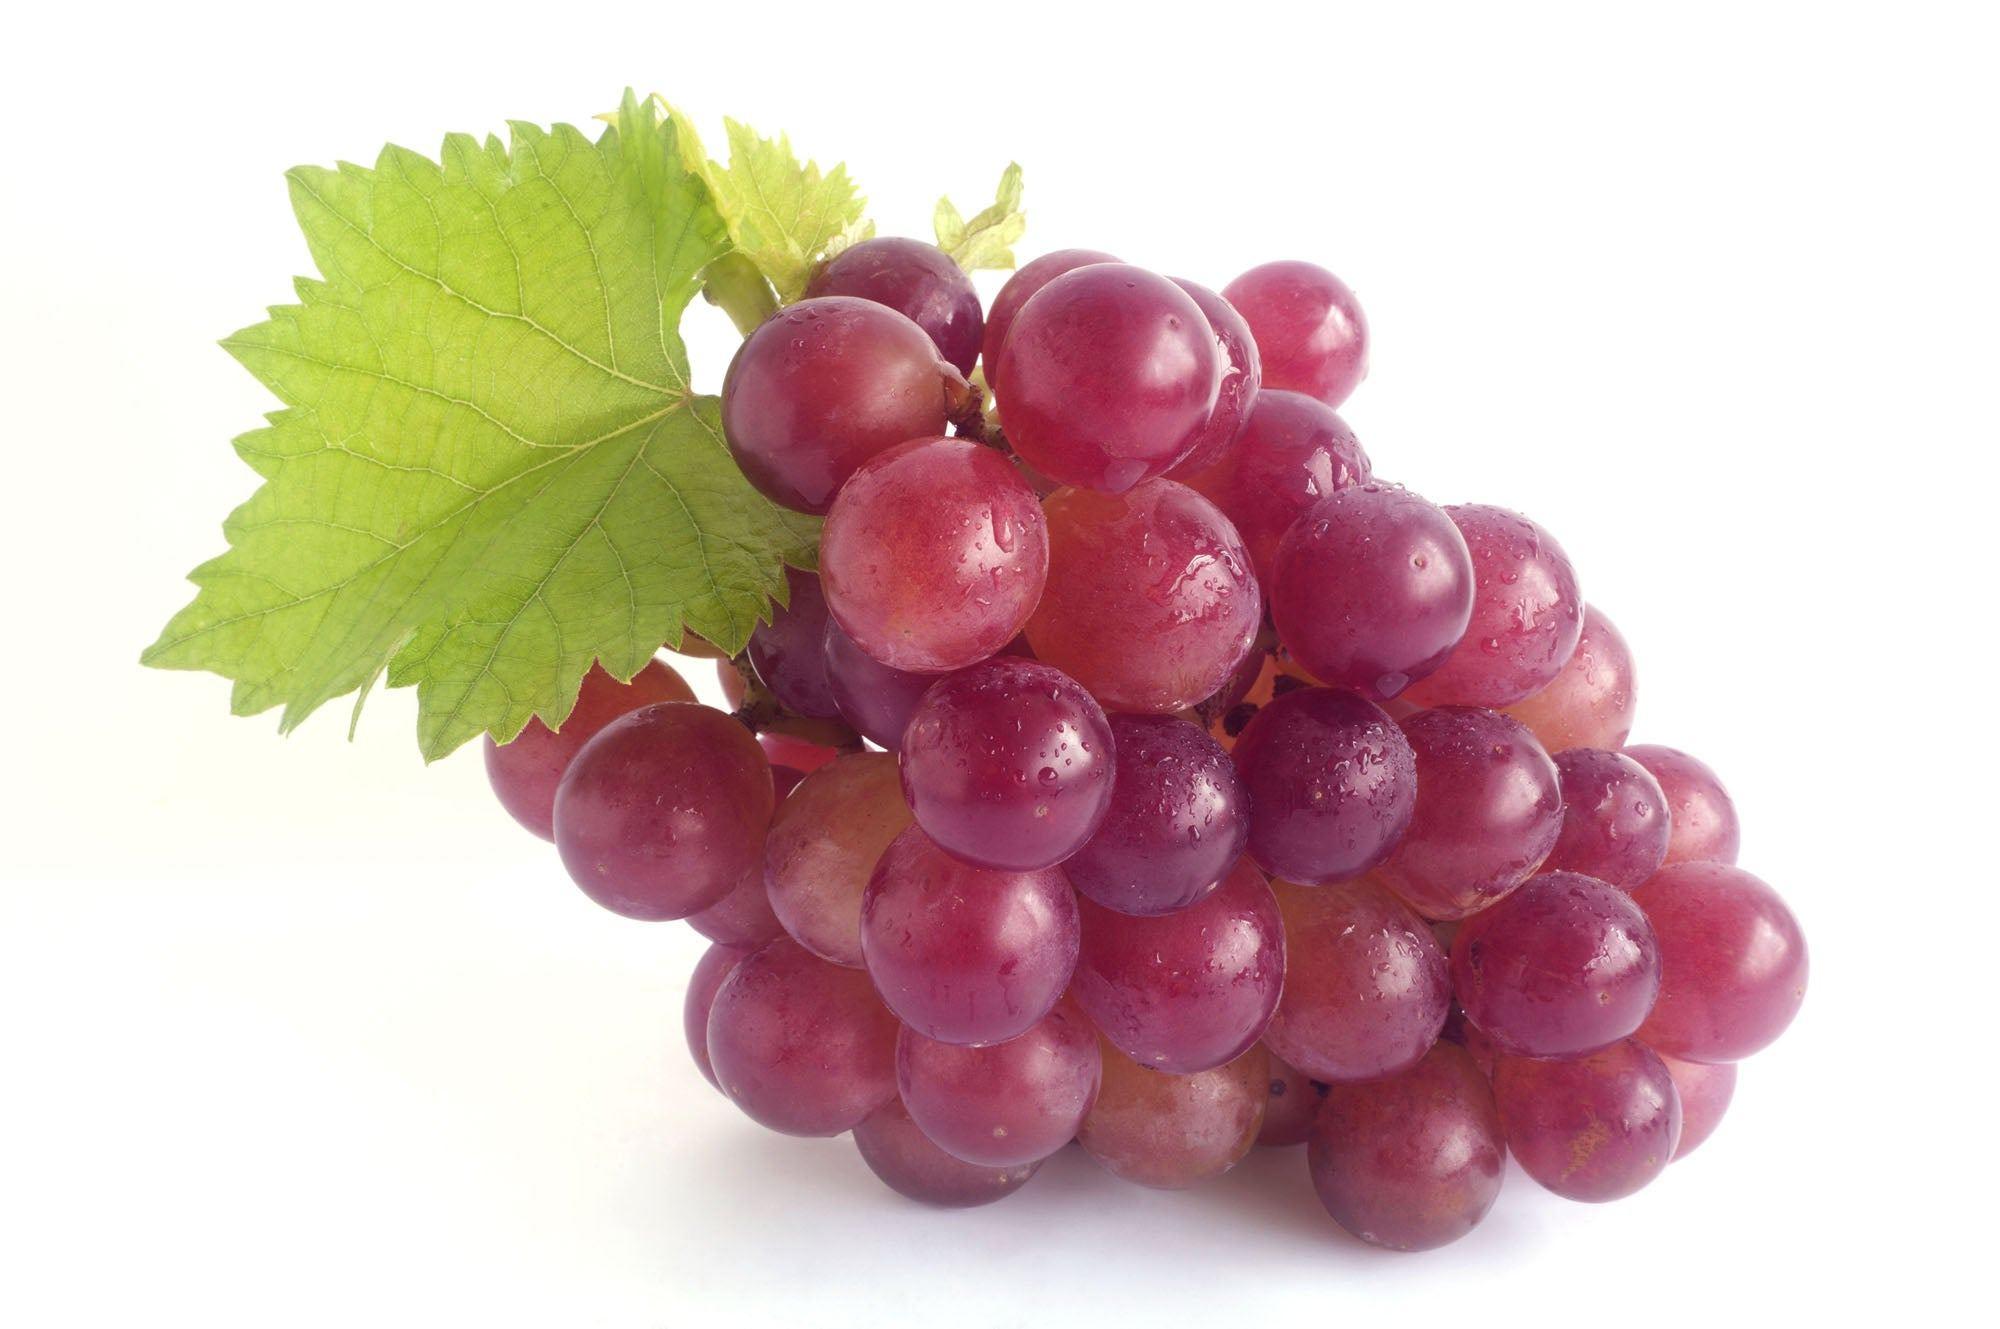 виноград не для диеты